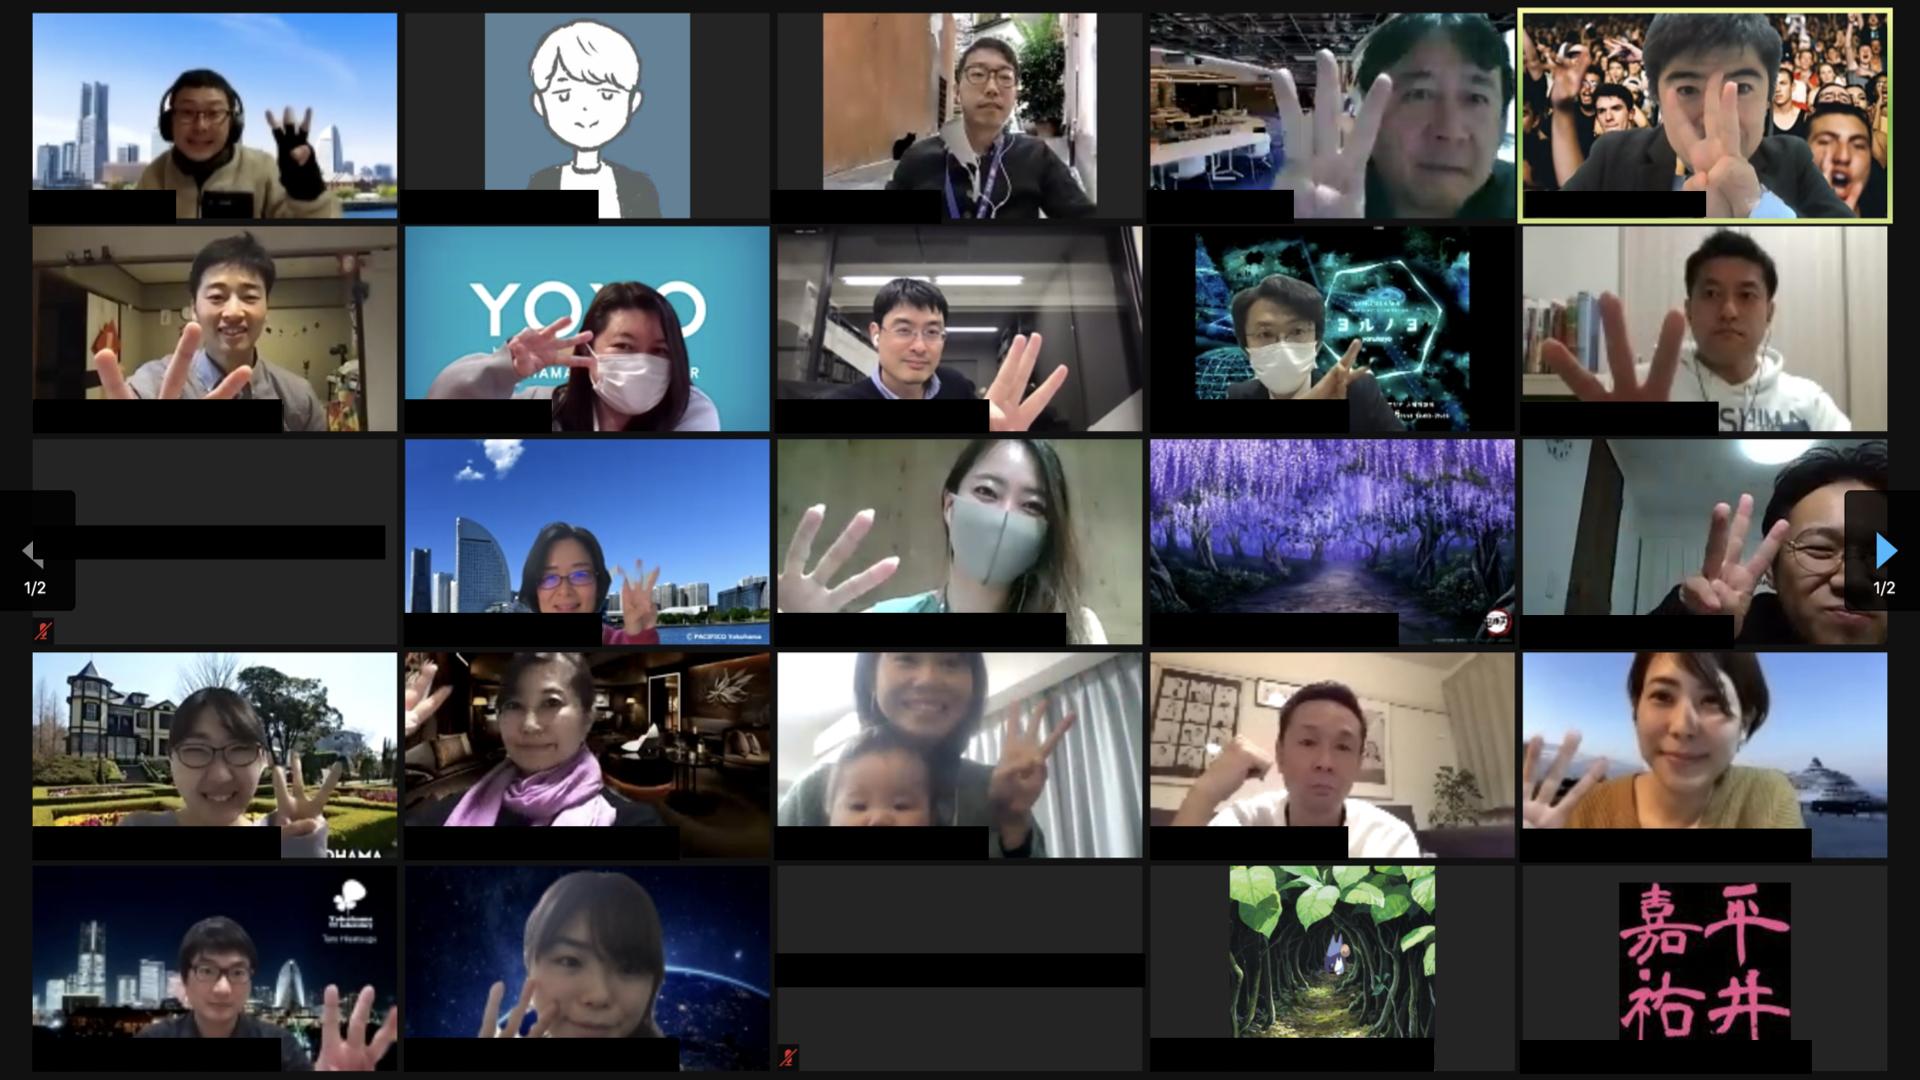 【横浜をつなげる30人 1期 Day3】〜オープンセッションの最終準備へ。そこから見えた関係性〜